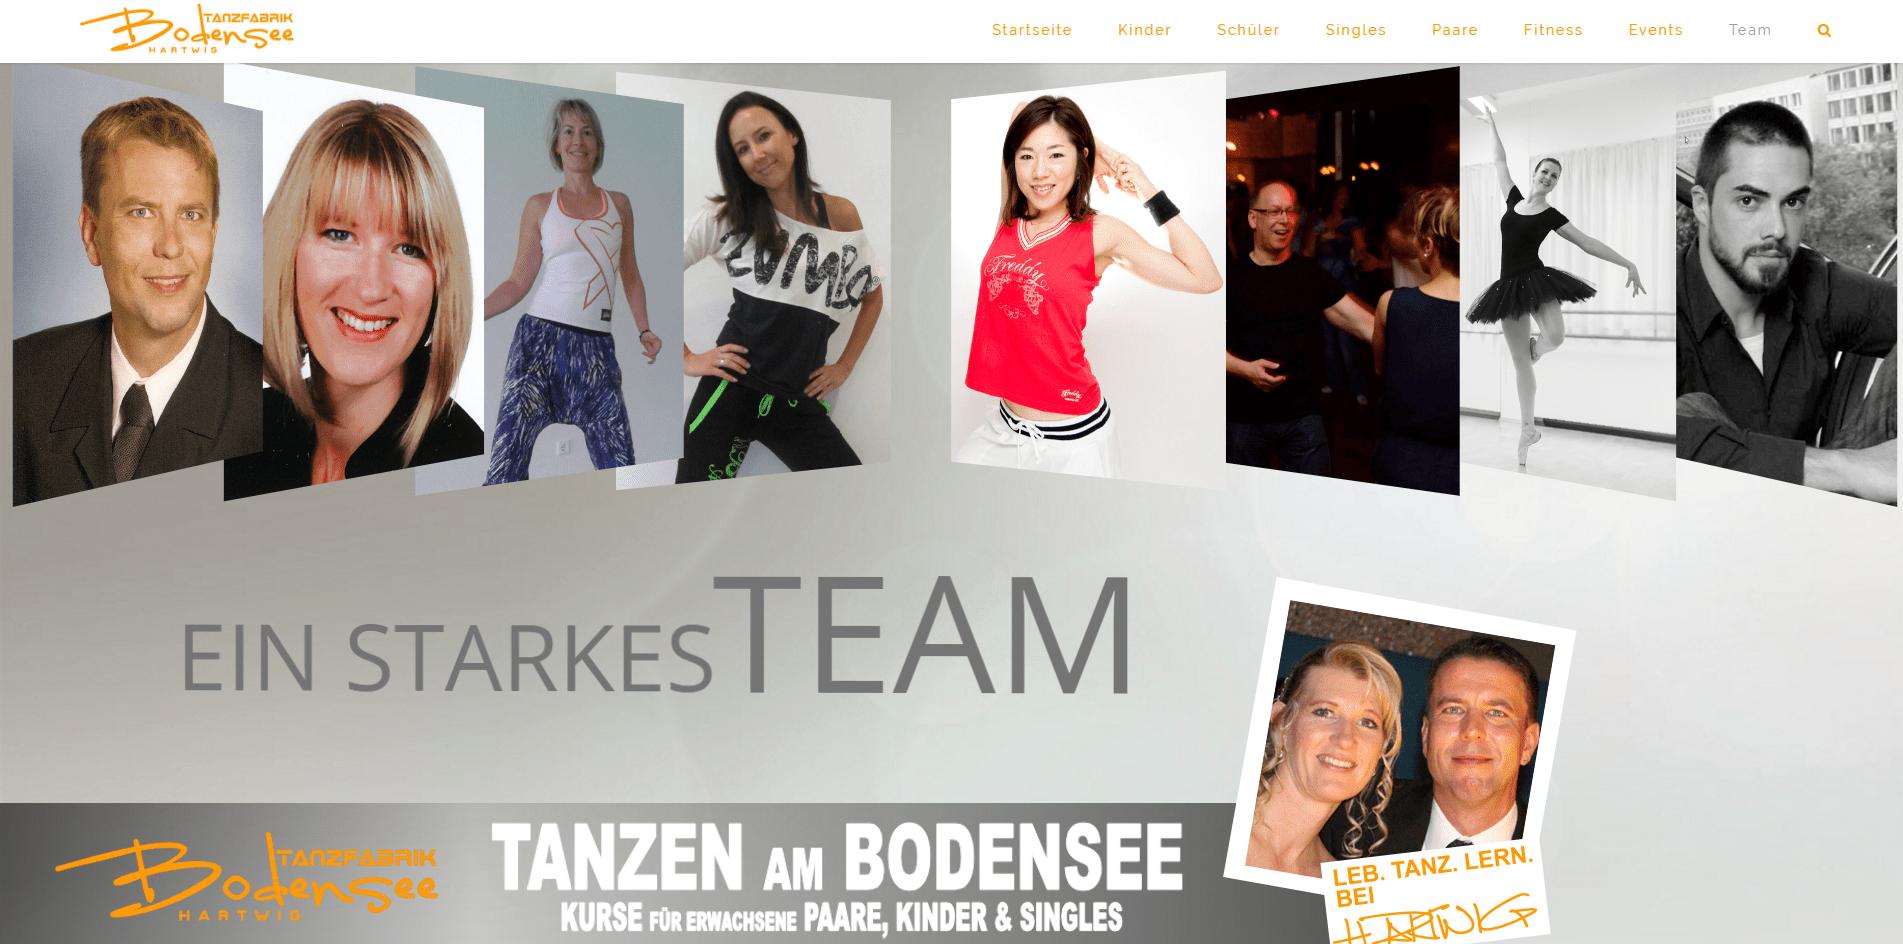 Team der Tanzschule Tanzfabrik Bodensee